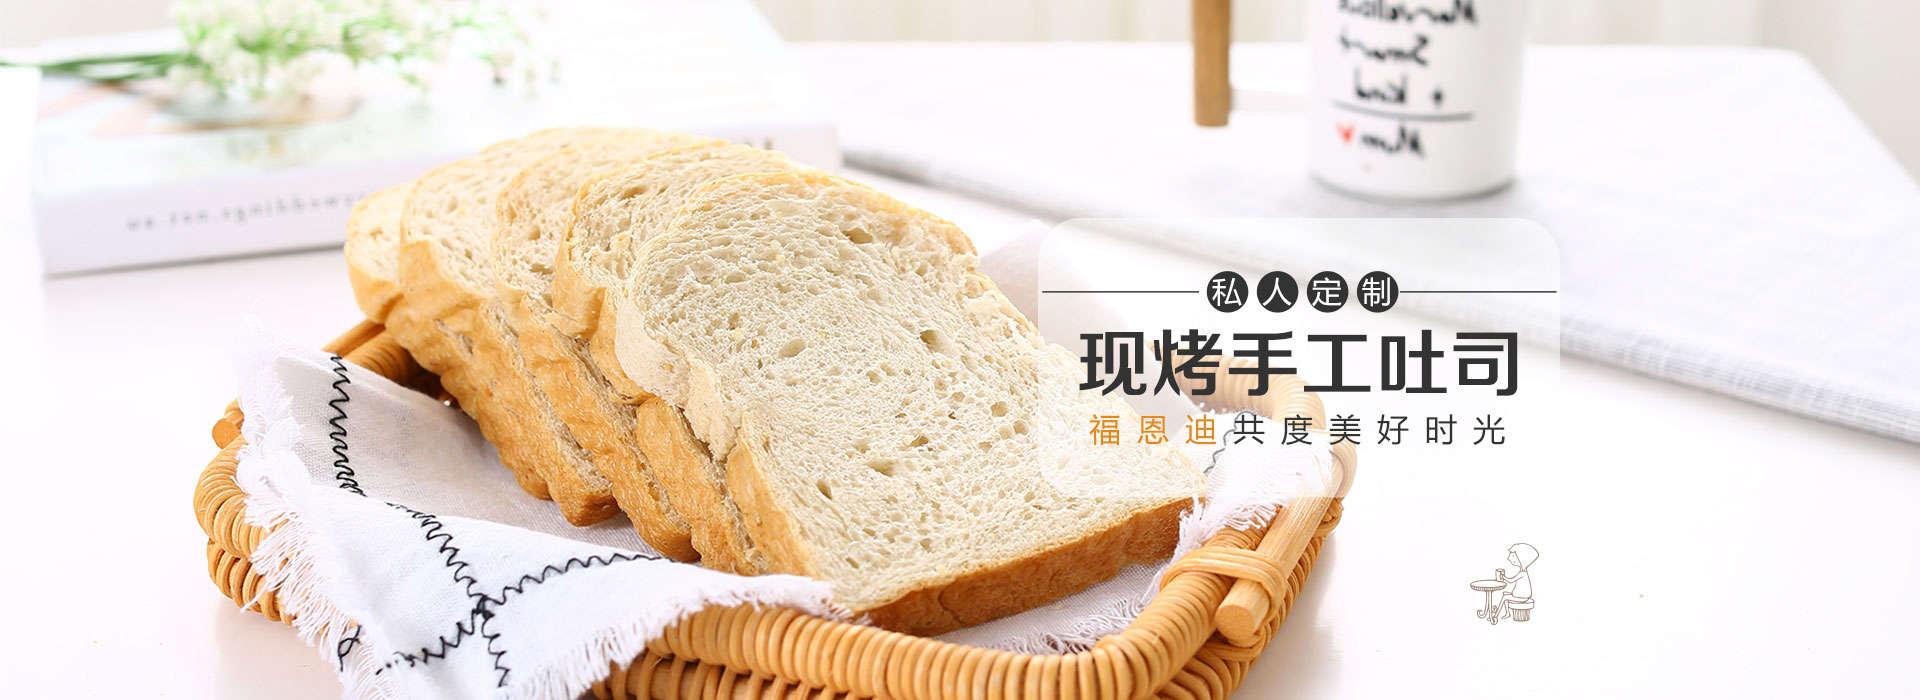 福恩迪手工吐司创业项目_昌启餐饮面包加盟